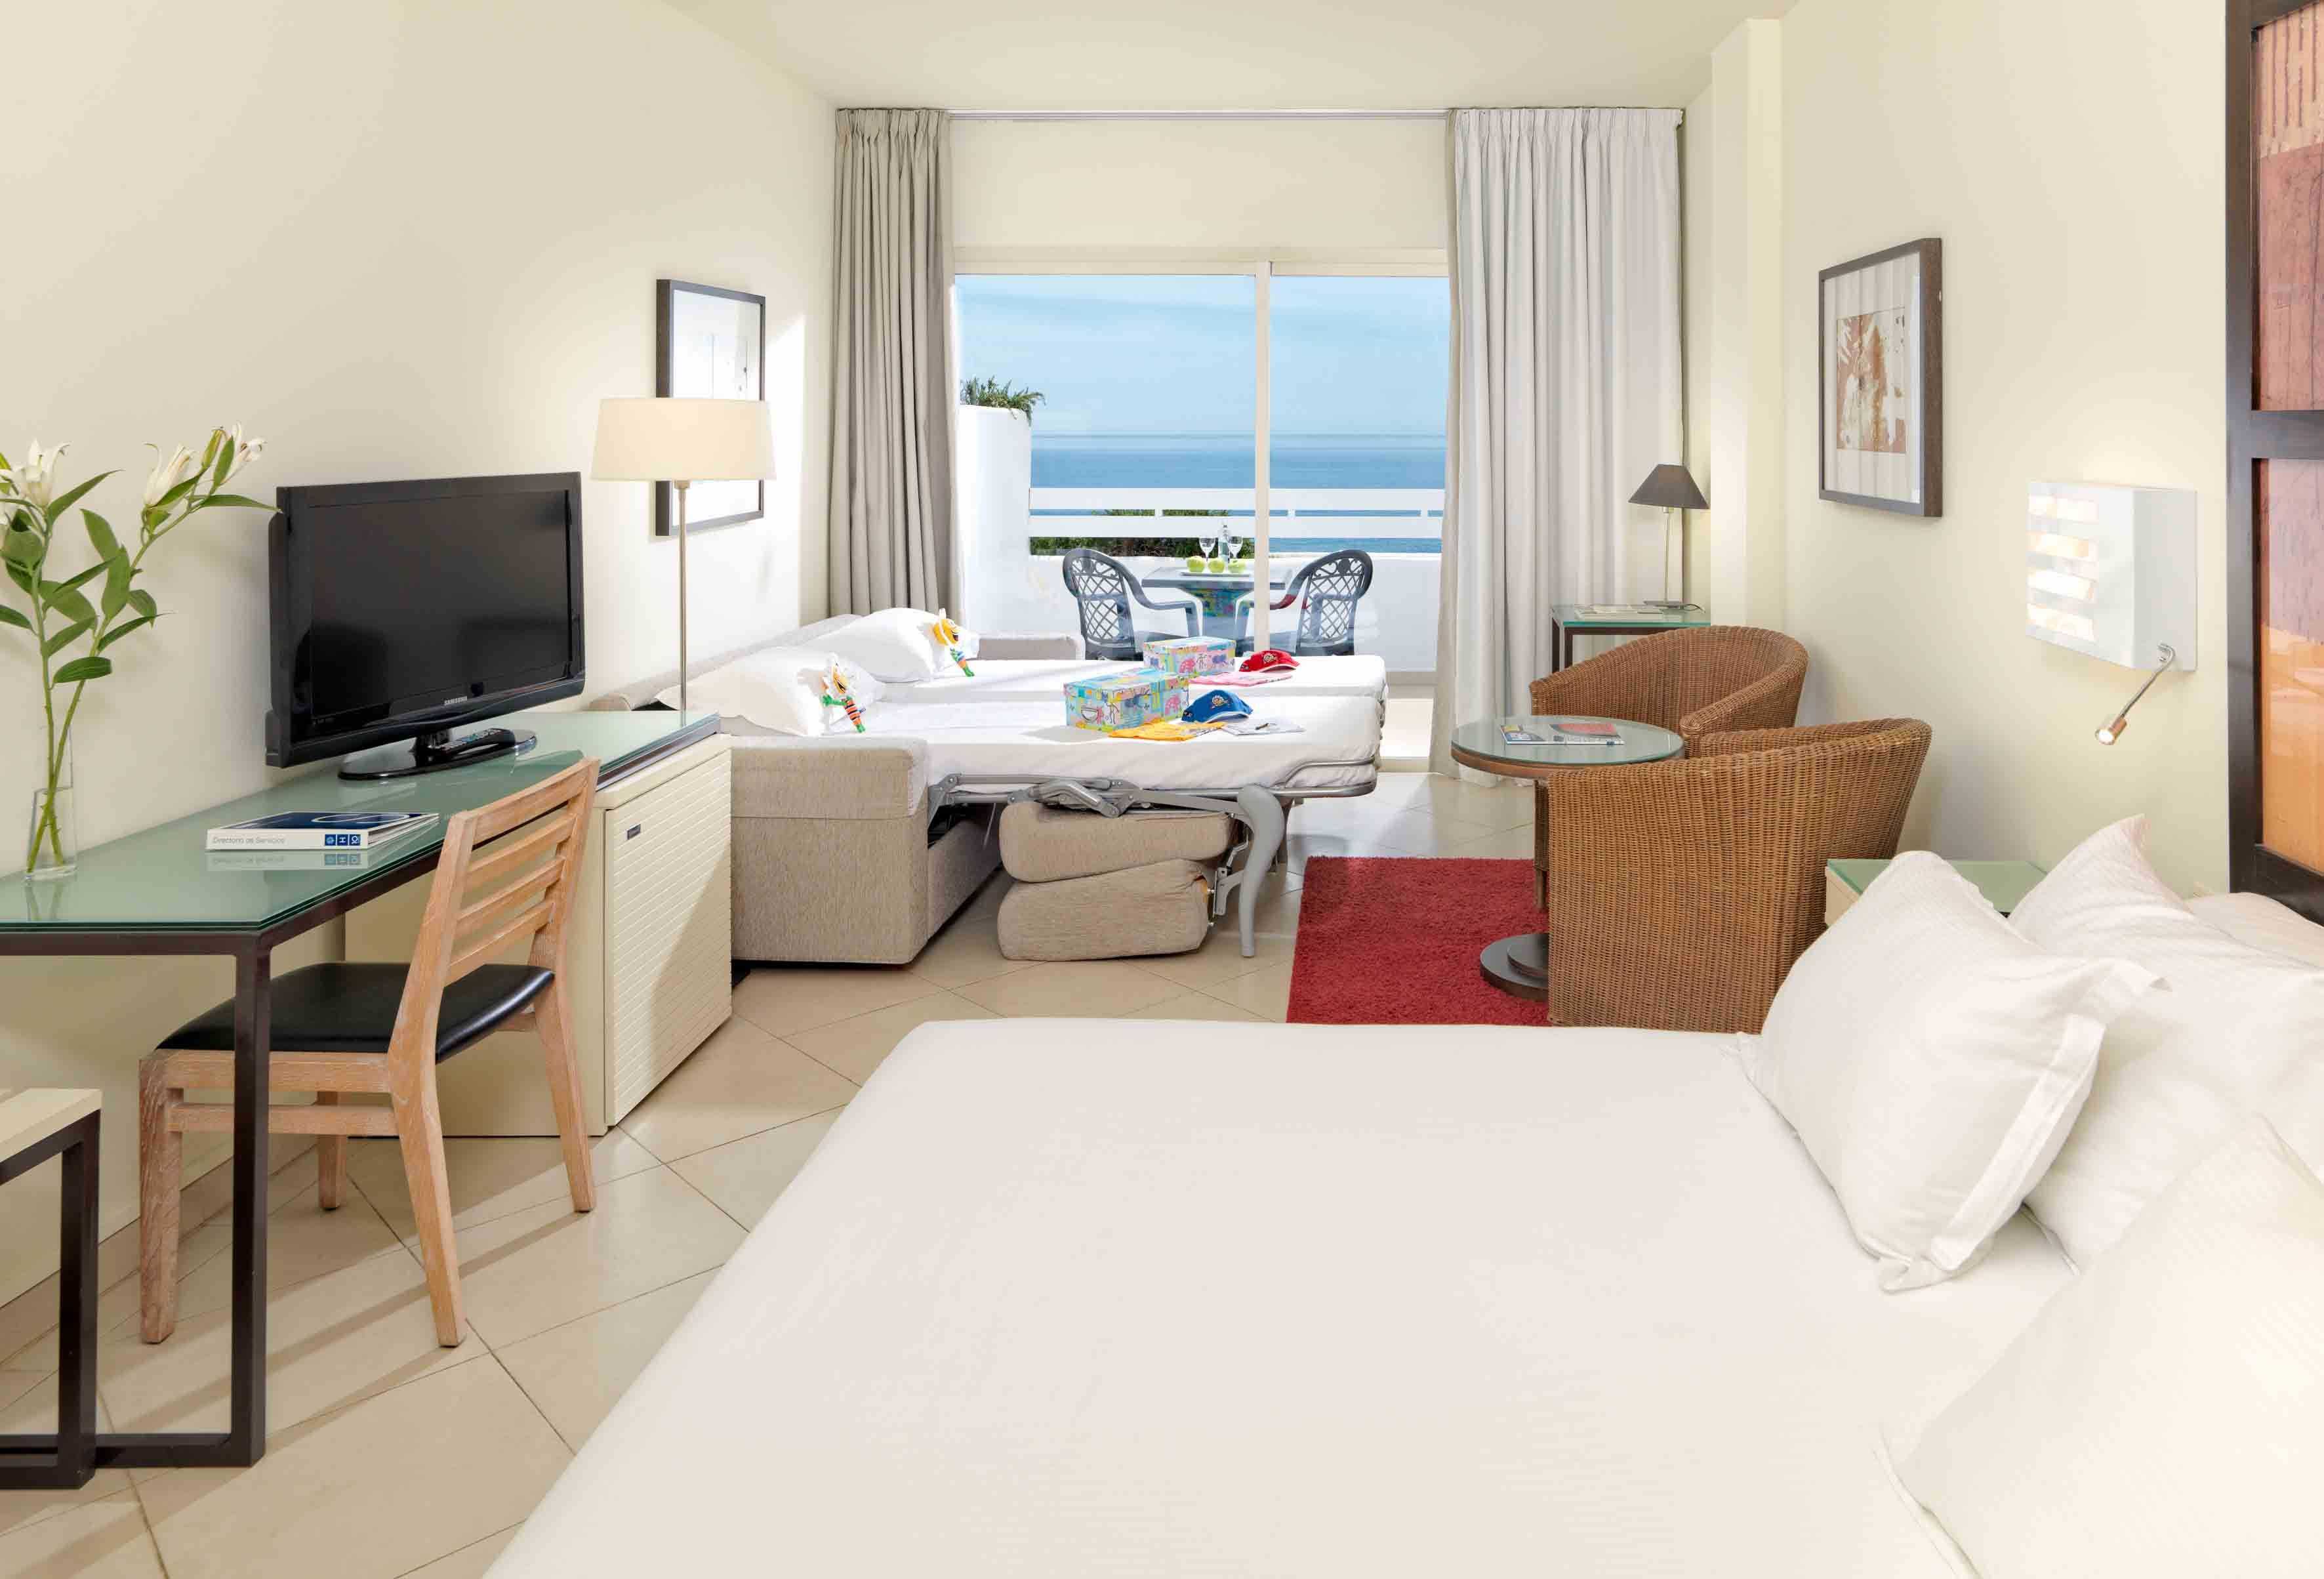 Habitación Daisy #h10esteponapalace #estepona palace #estepona #h10hotels #h10 #hotel10